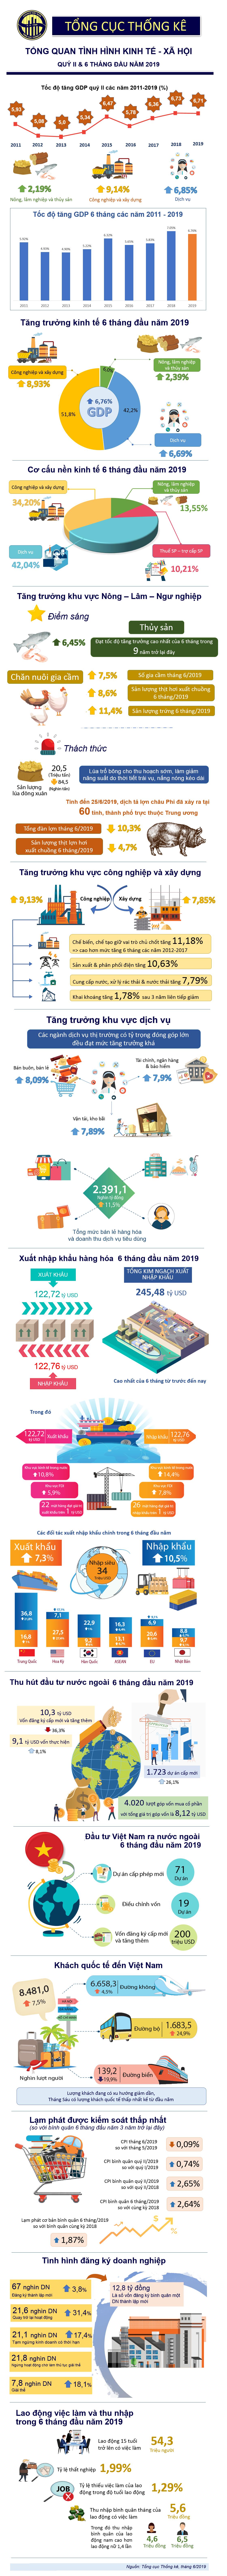 Số liệu thống kê 6 tháng đầu năm 2019 (Nguồn: TCTK)